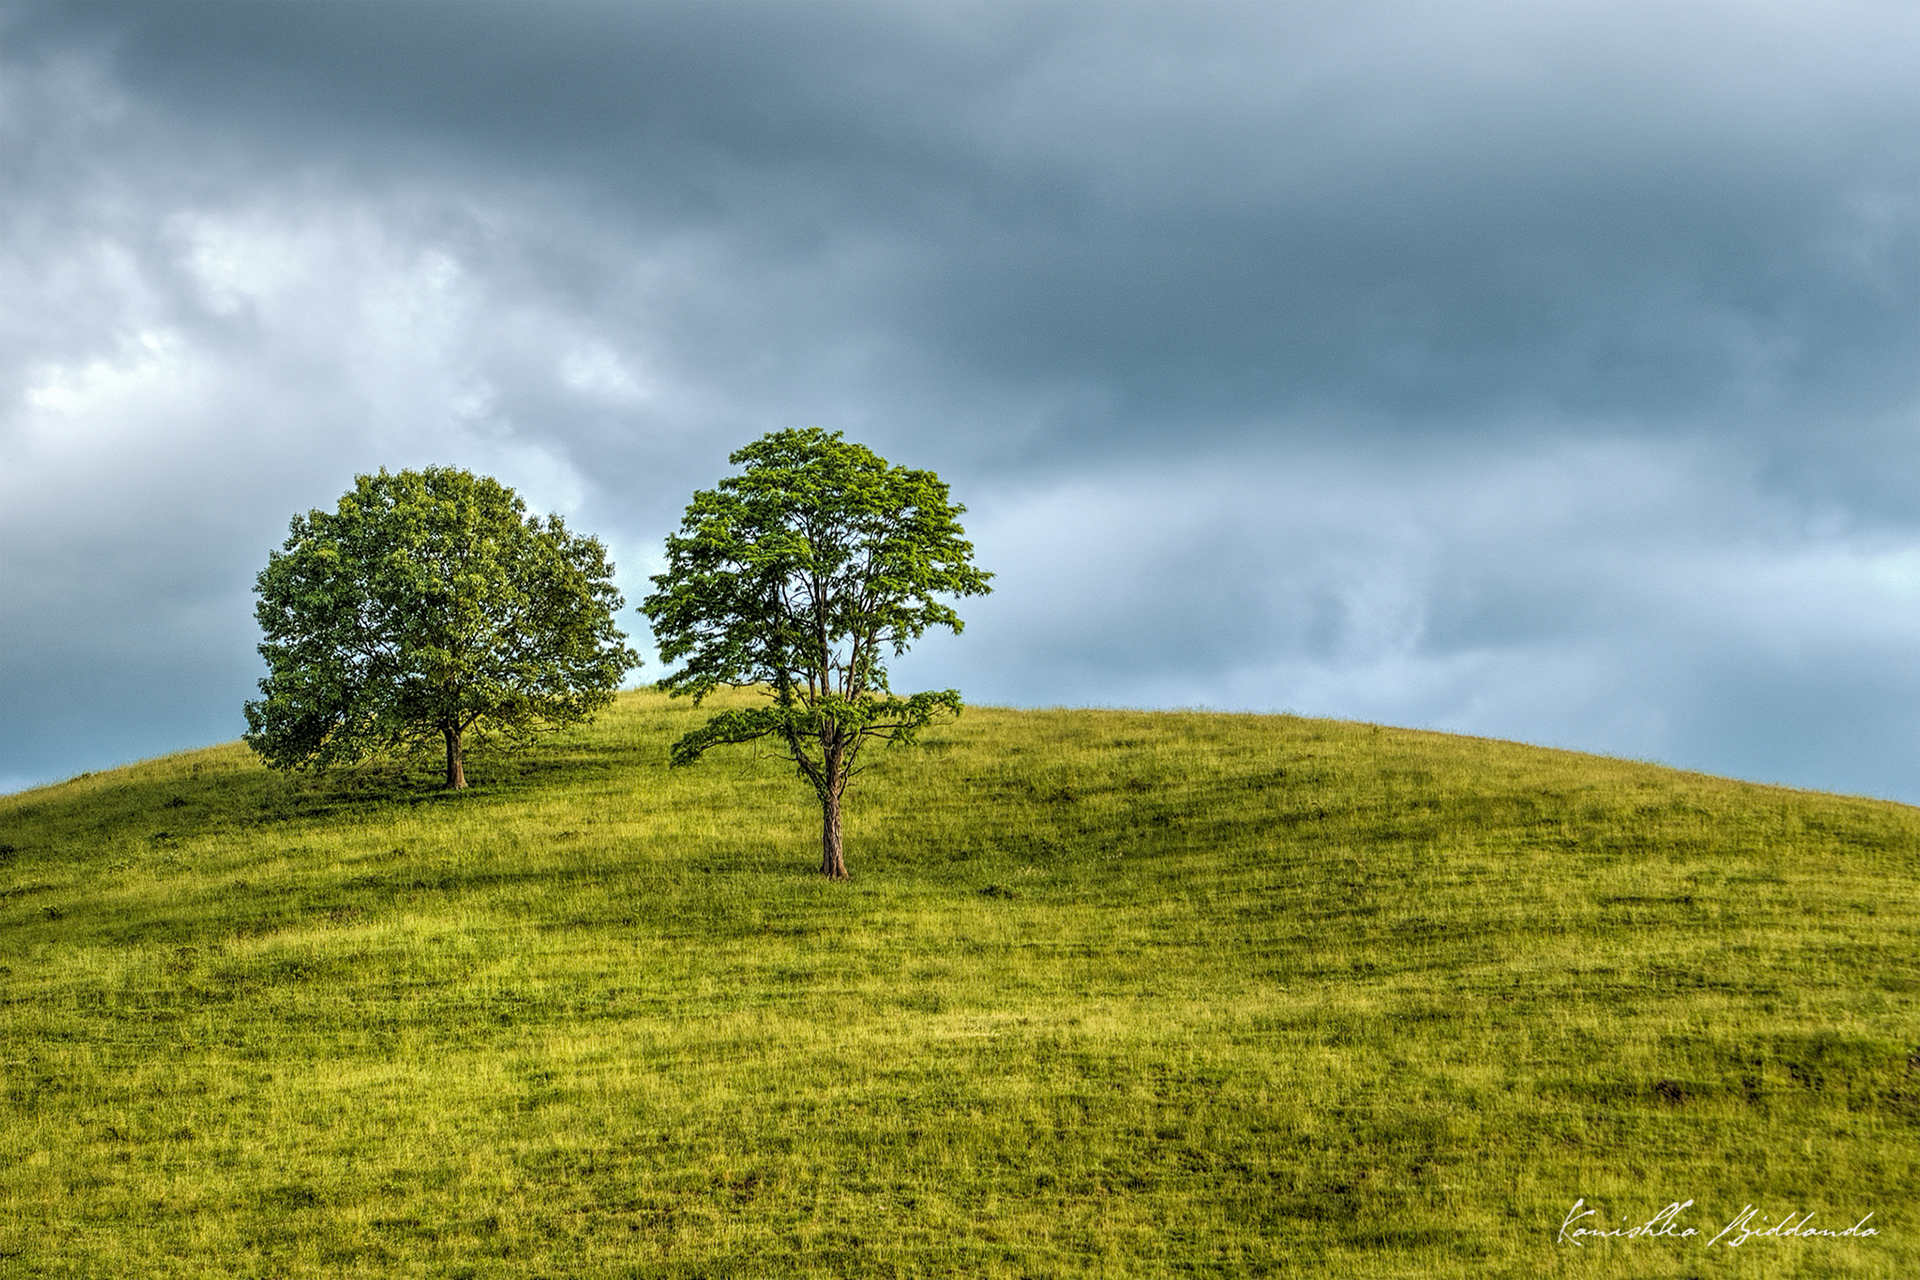 kanishka_biddanda-02-tree_farm-dsc-9149-51-edited2-